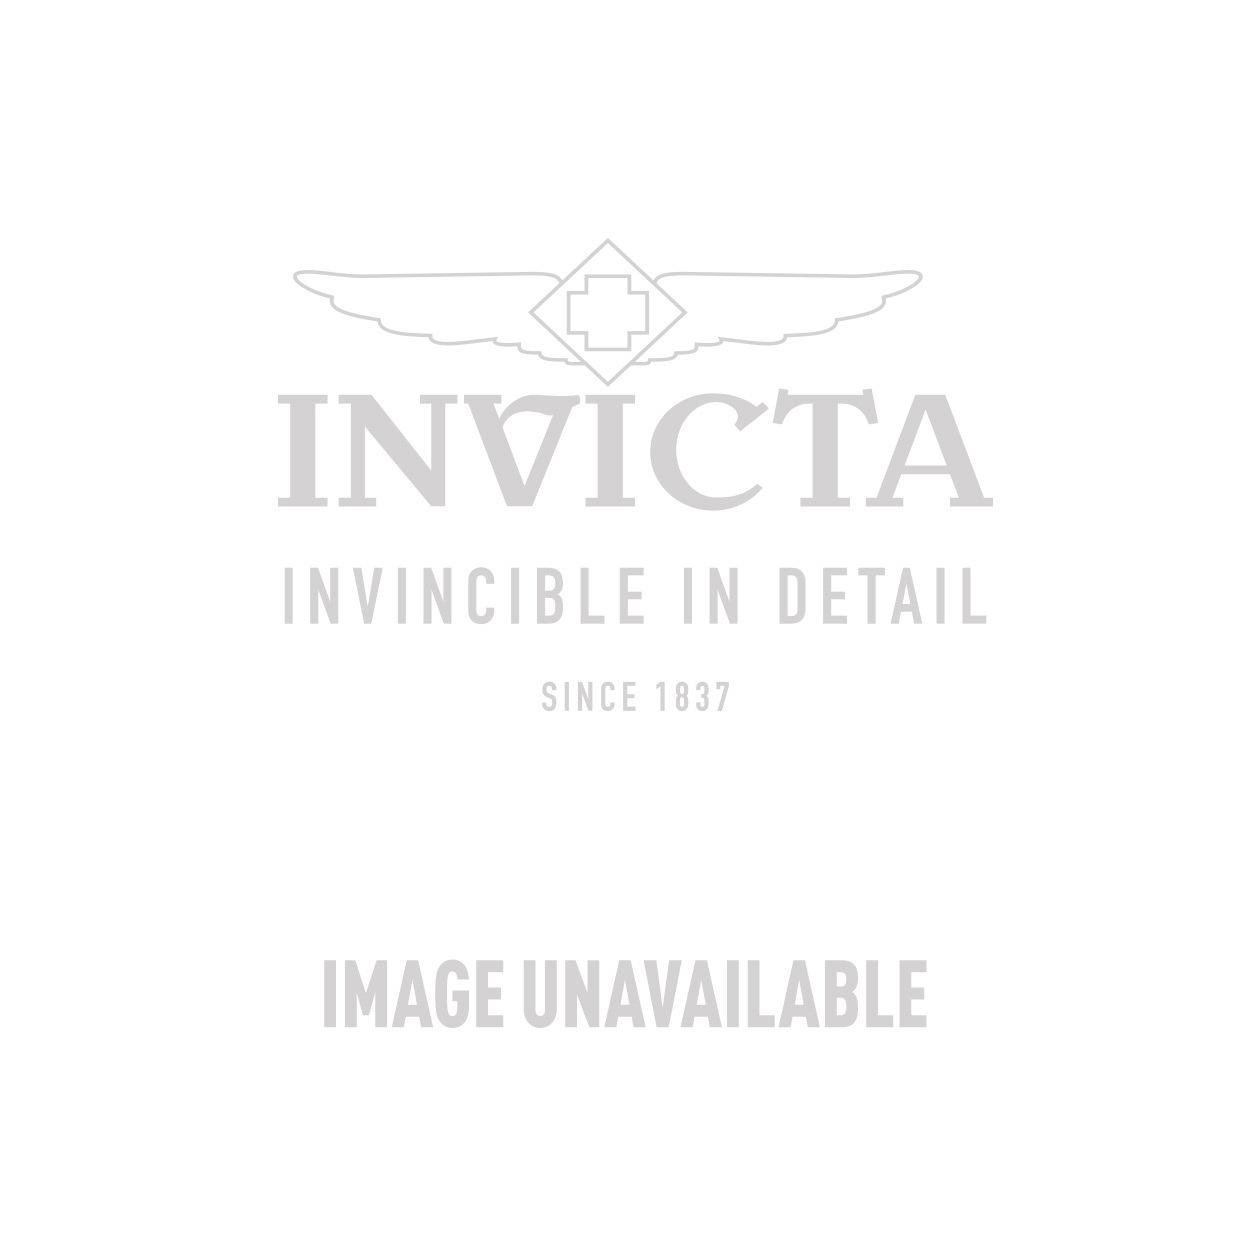 Invicta Model 28383